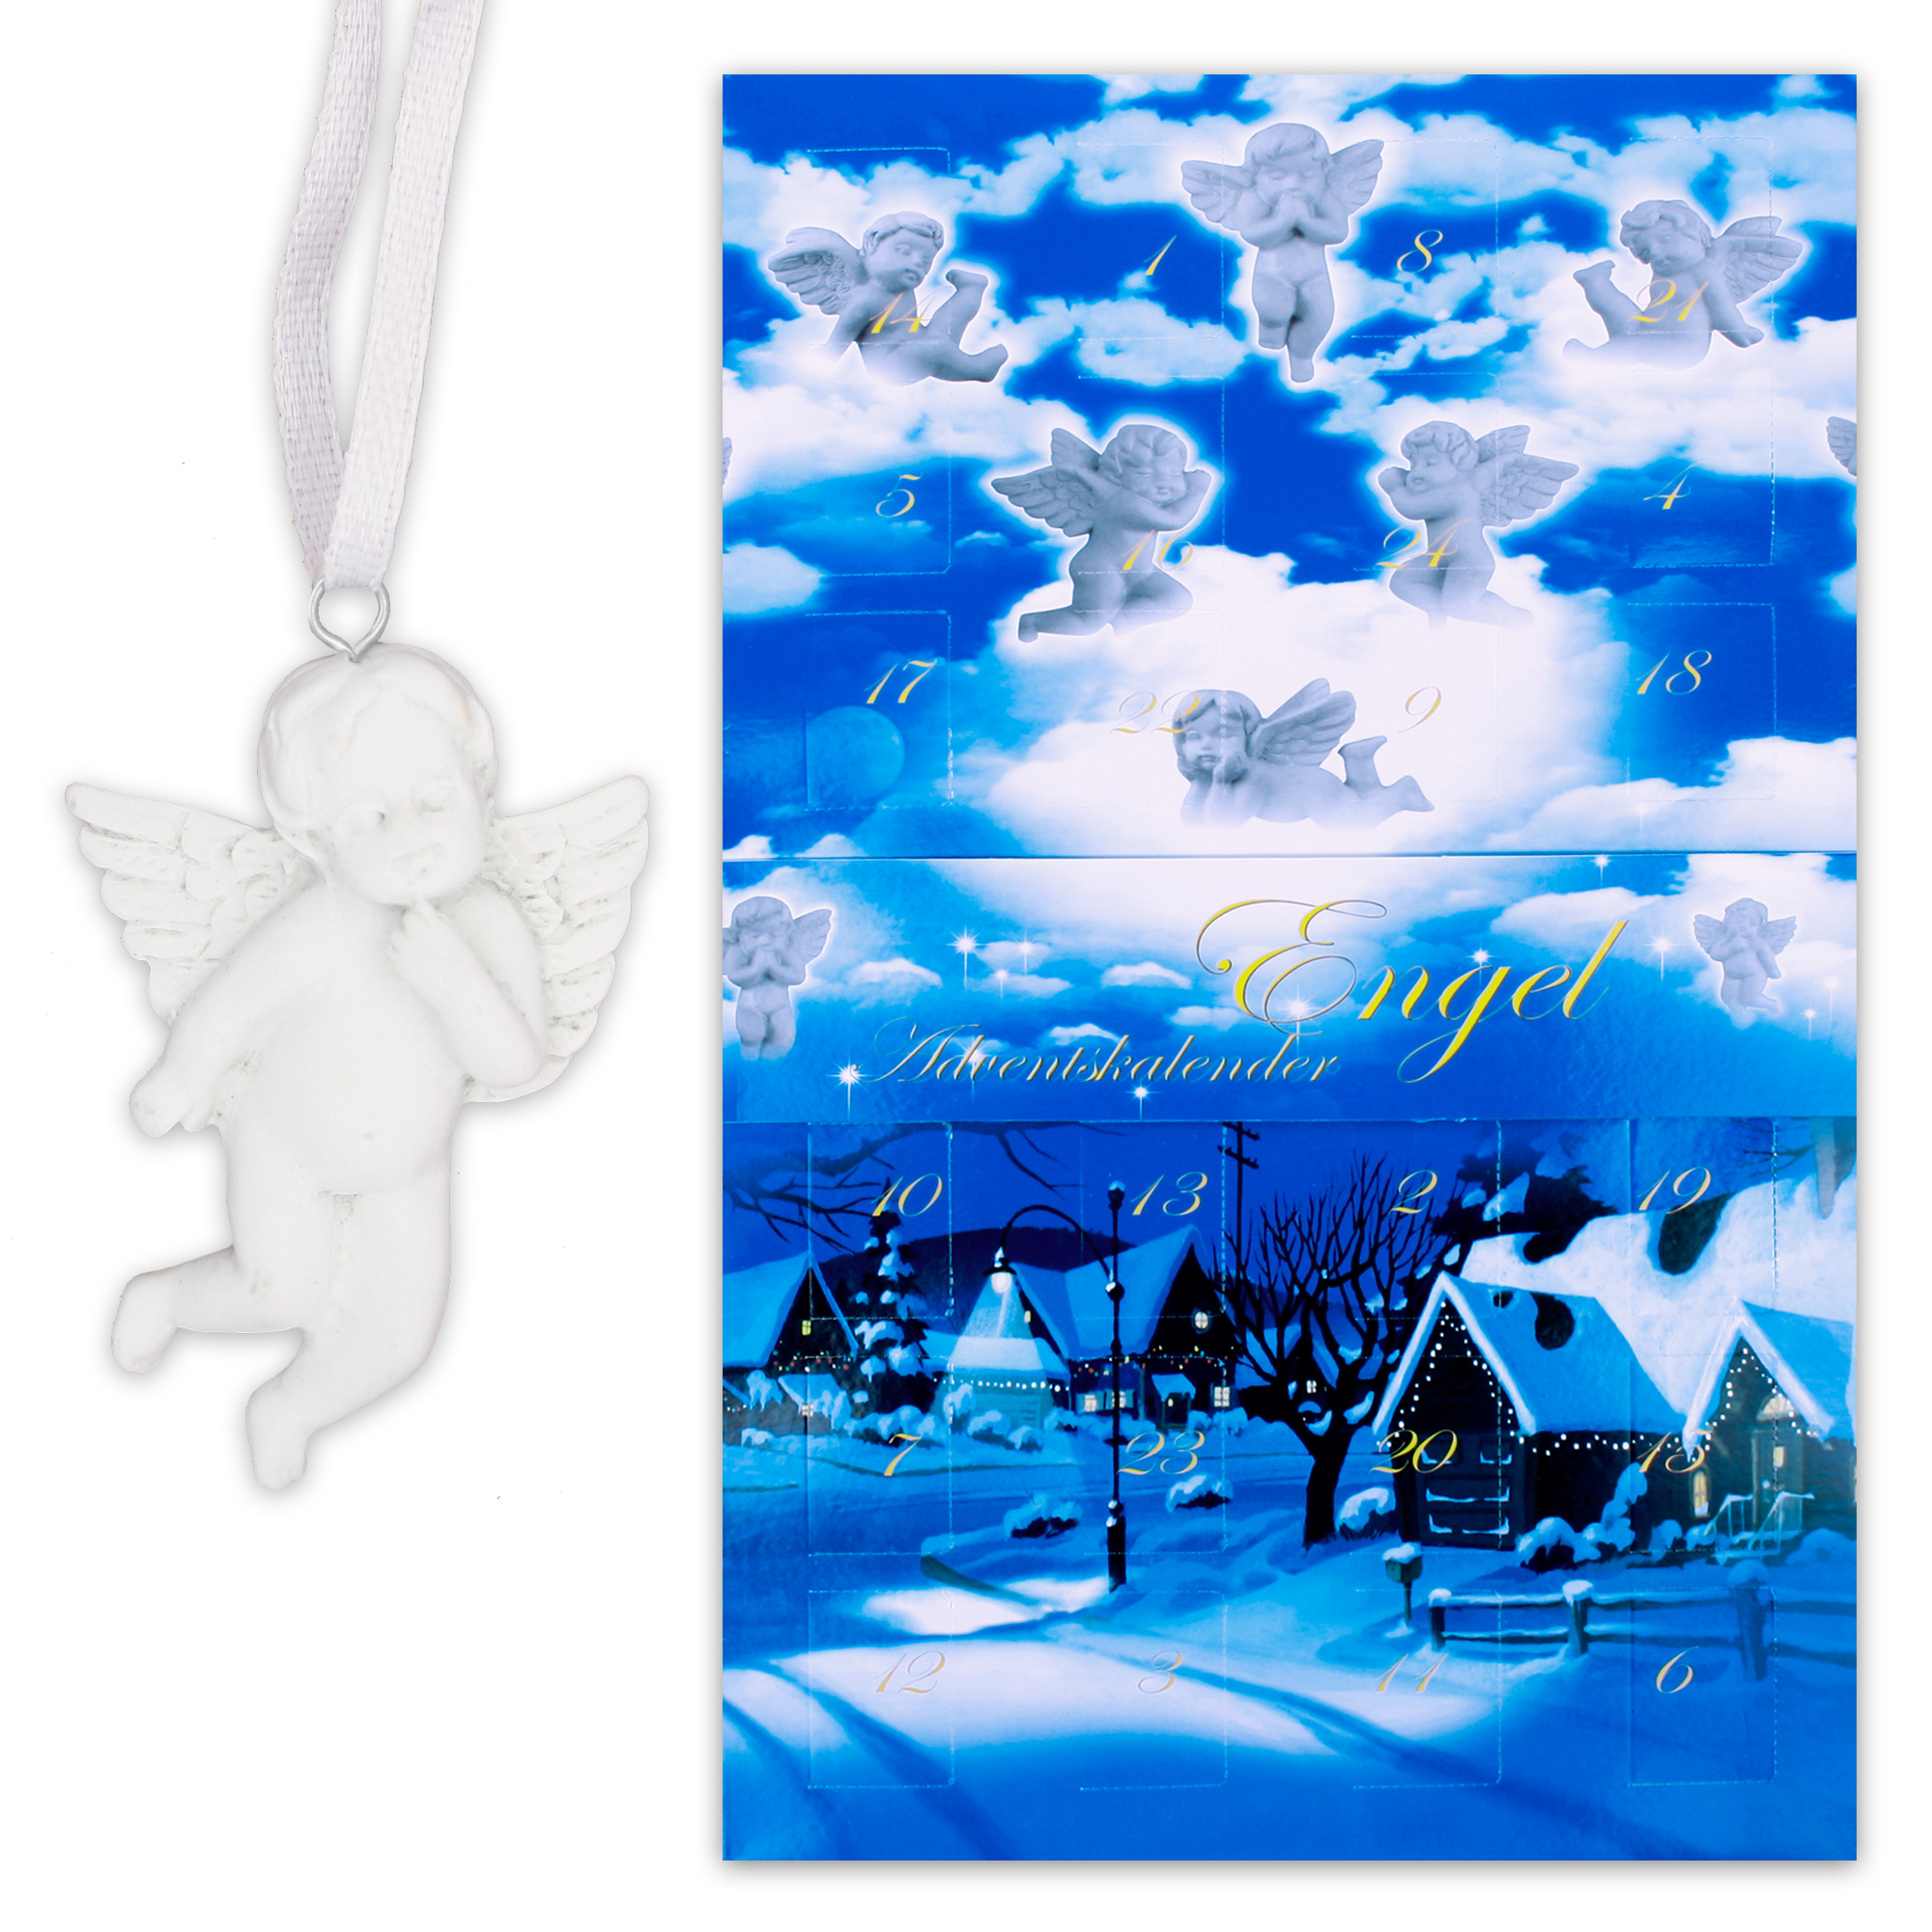 himmlischer adventskalender mit 24 engelchen aus polyresin zum aufh ngen advent ebay. Black Bedroom Furniture Sets. Home Design Ideas